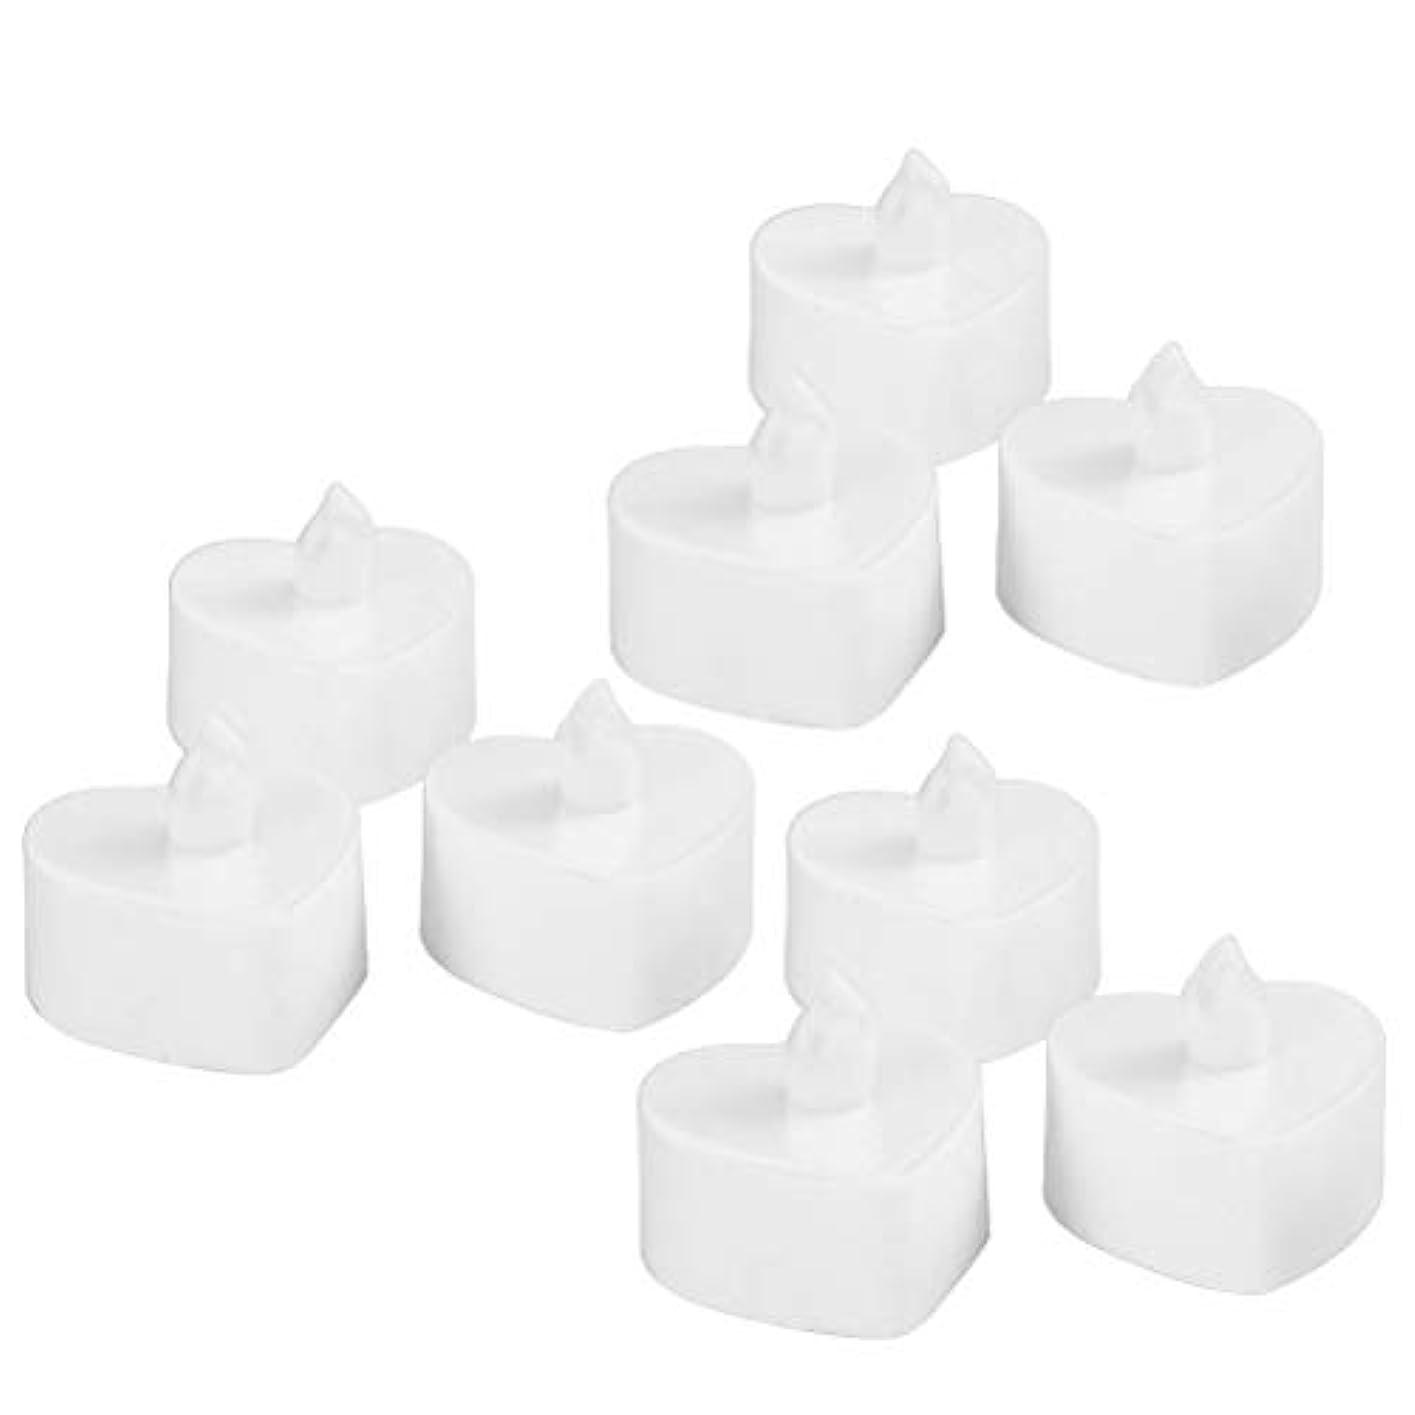 晩餐通路スイBESTOYARD 10個無炎キャンドルバッテリーは、キャンドルの結婚式のパーティーフェスティバルの装飾(白いシェル黄色の光)